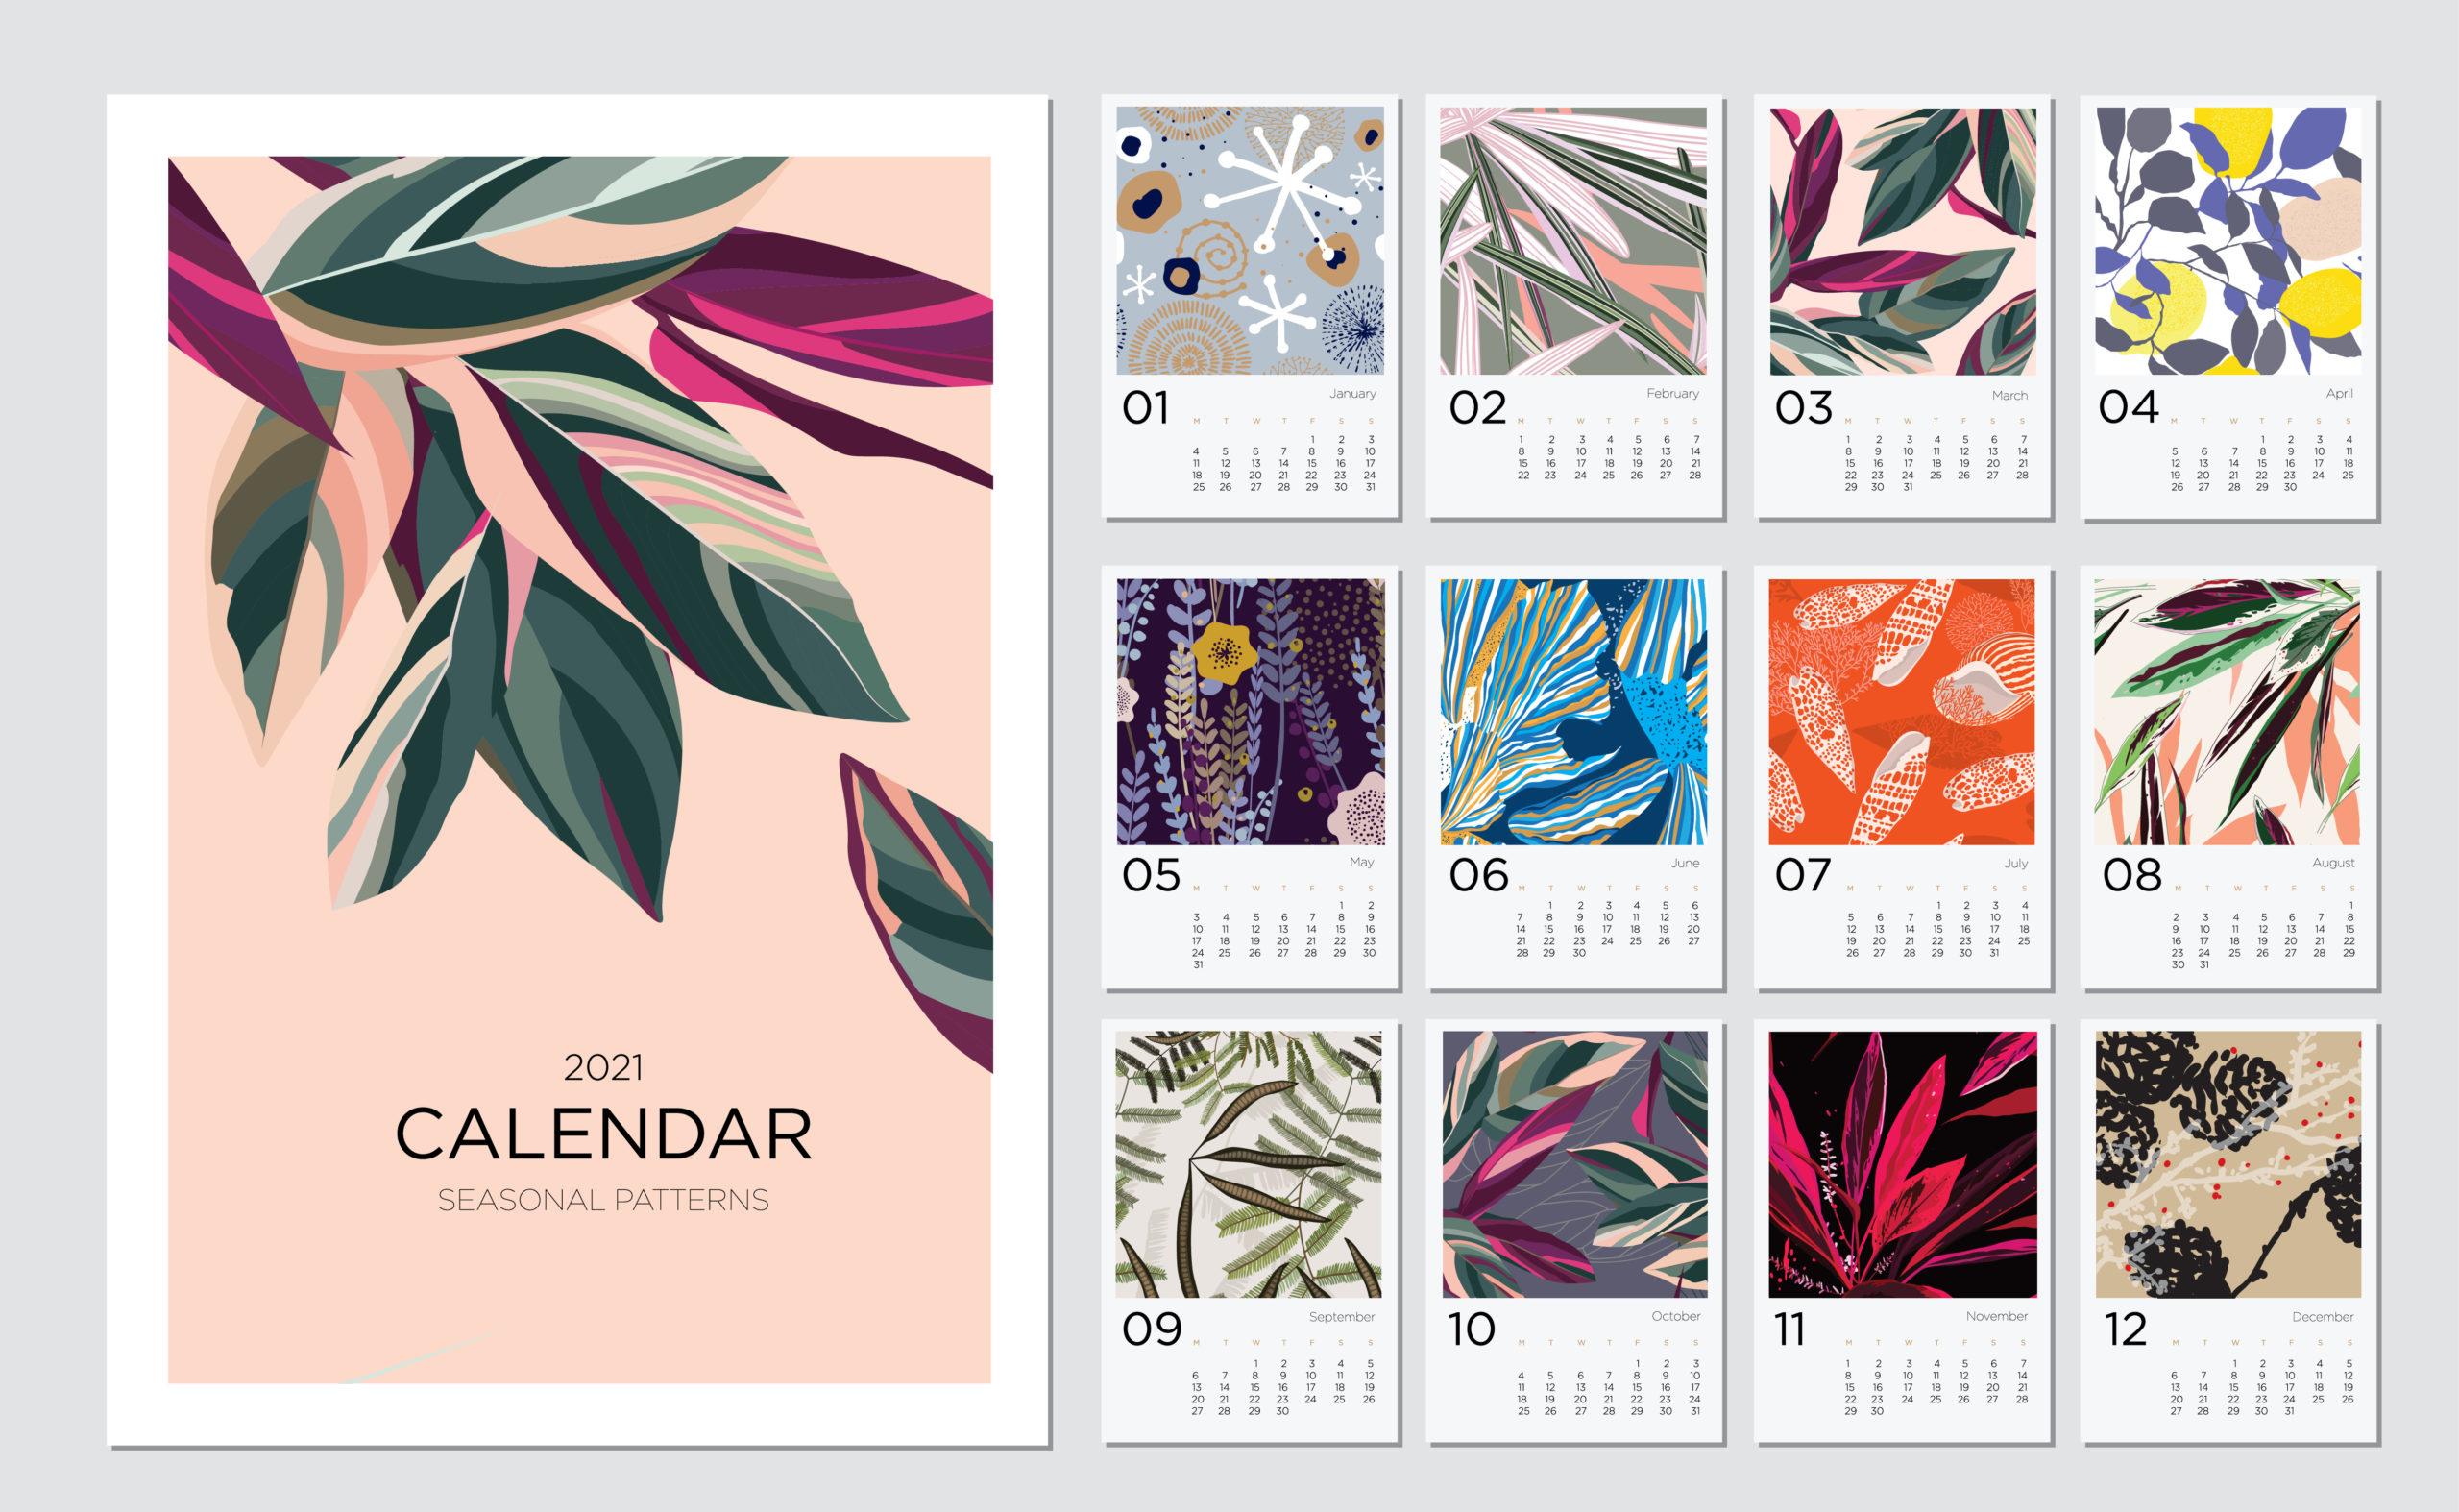 Kalender - Jetzt gestalten lassen vom Profi